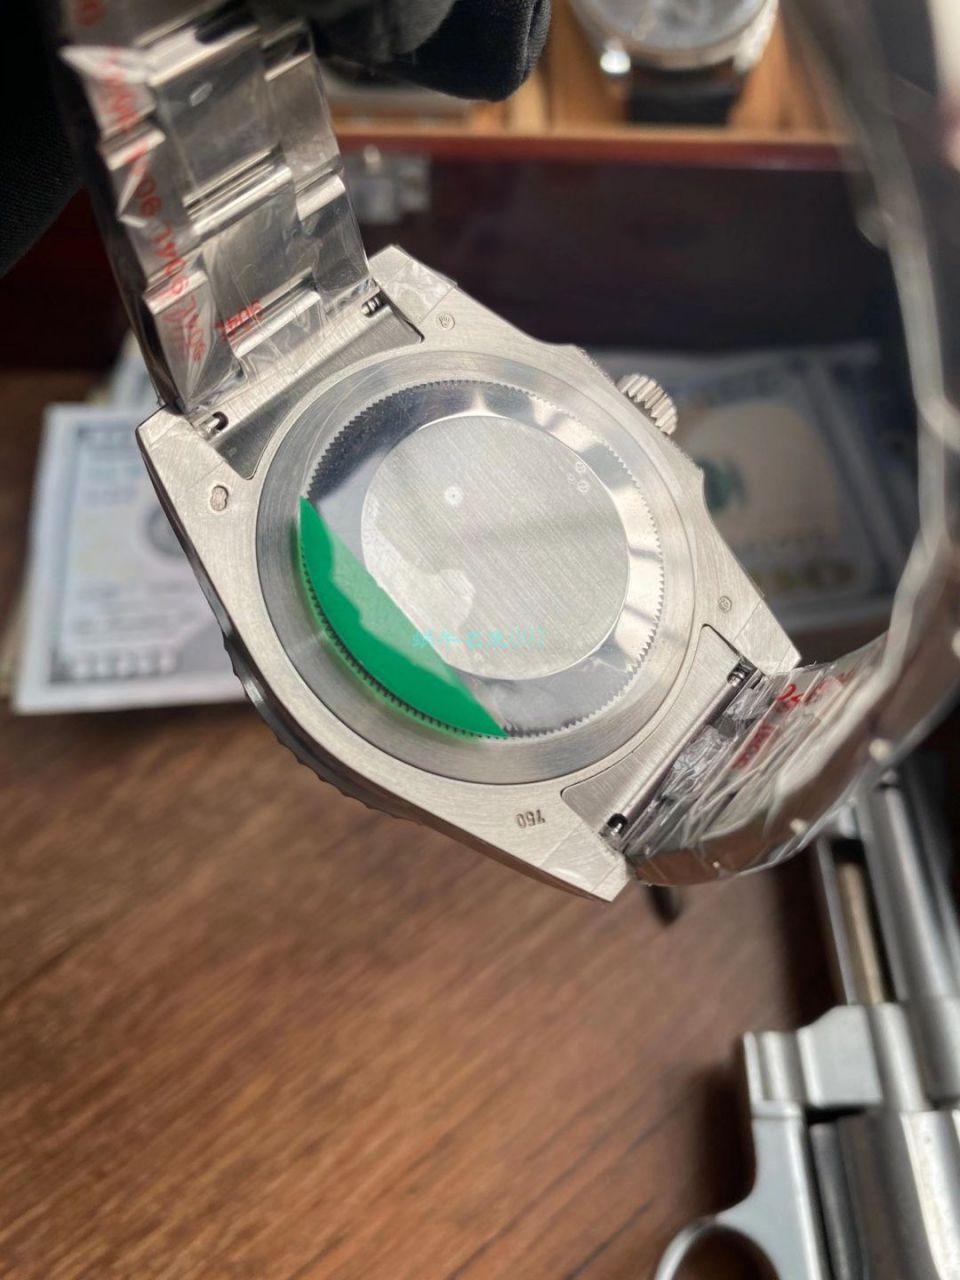 【视频评测】劳力士T钻奢华版格林尼治GMT顶级复刻手表 / R703